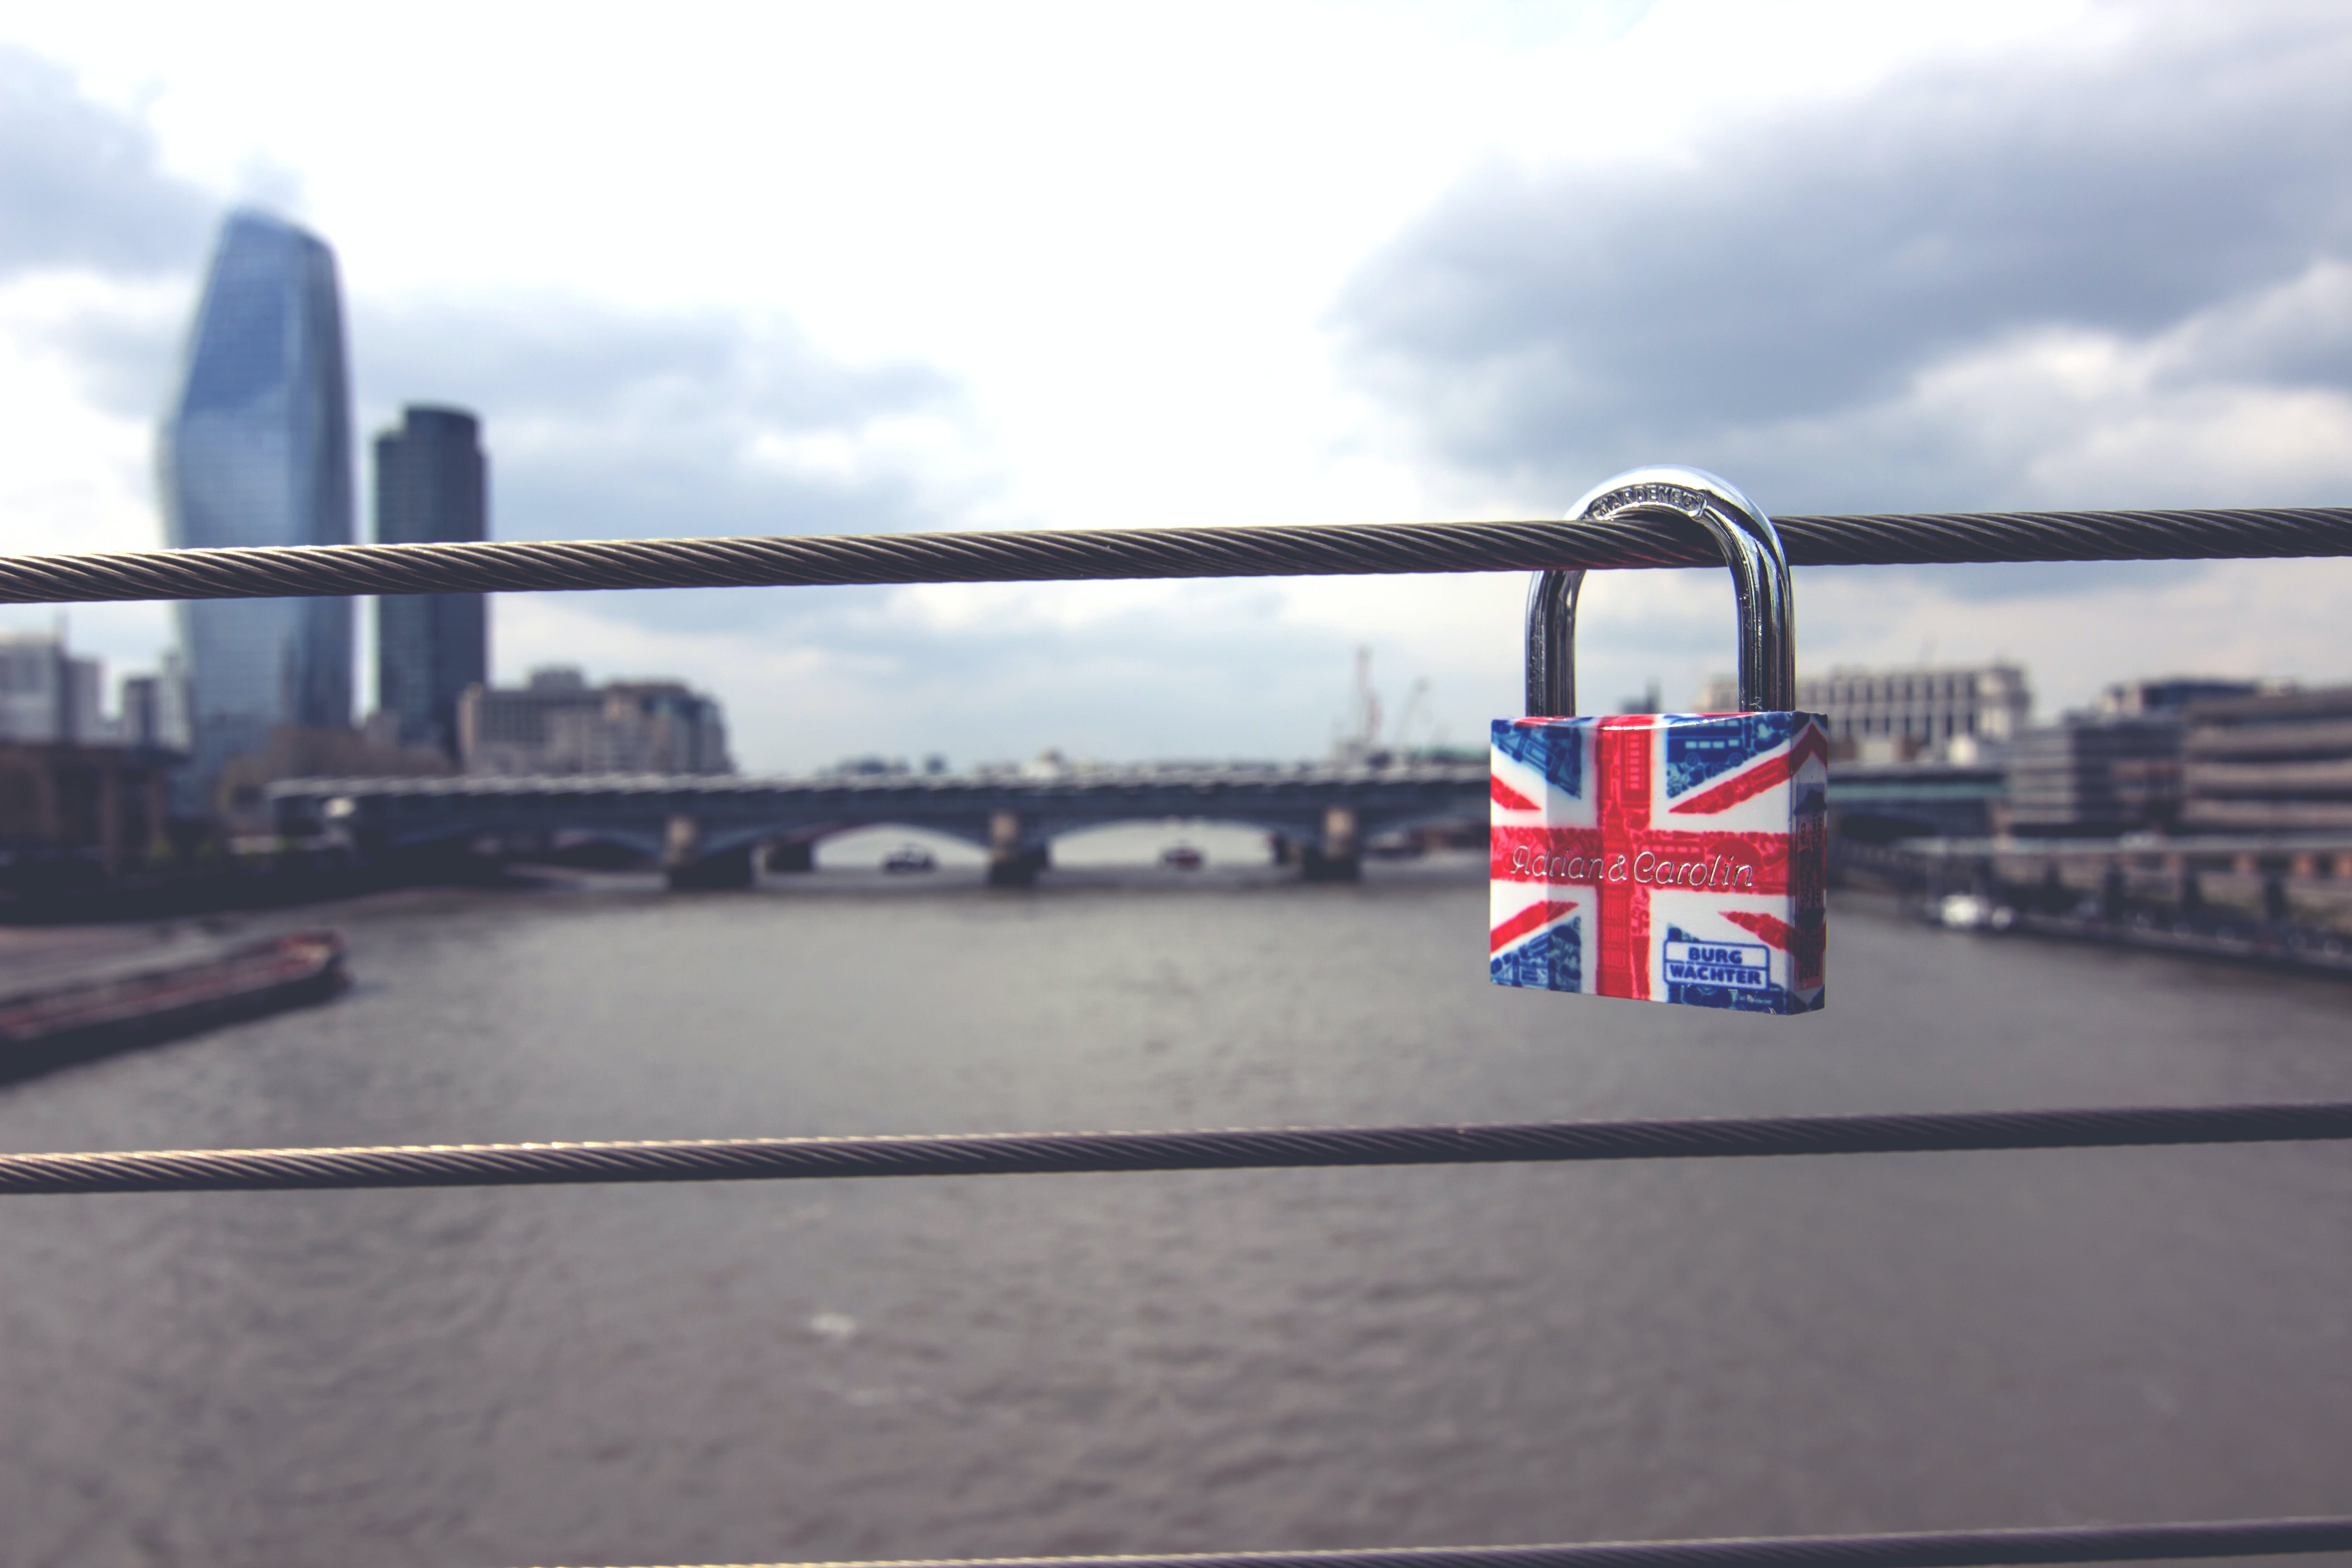 Fotos de stock gratuitas de bloquear, ciudad, Inglaterra, Londres